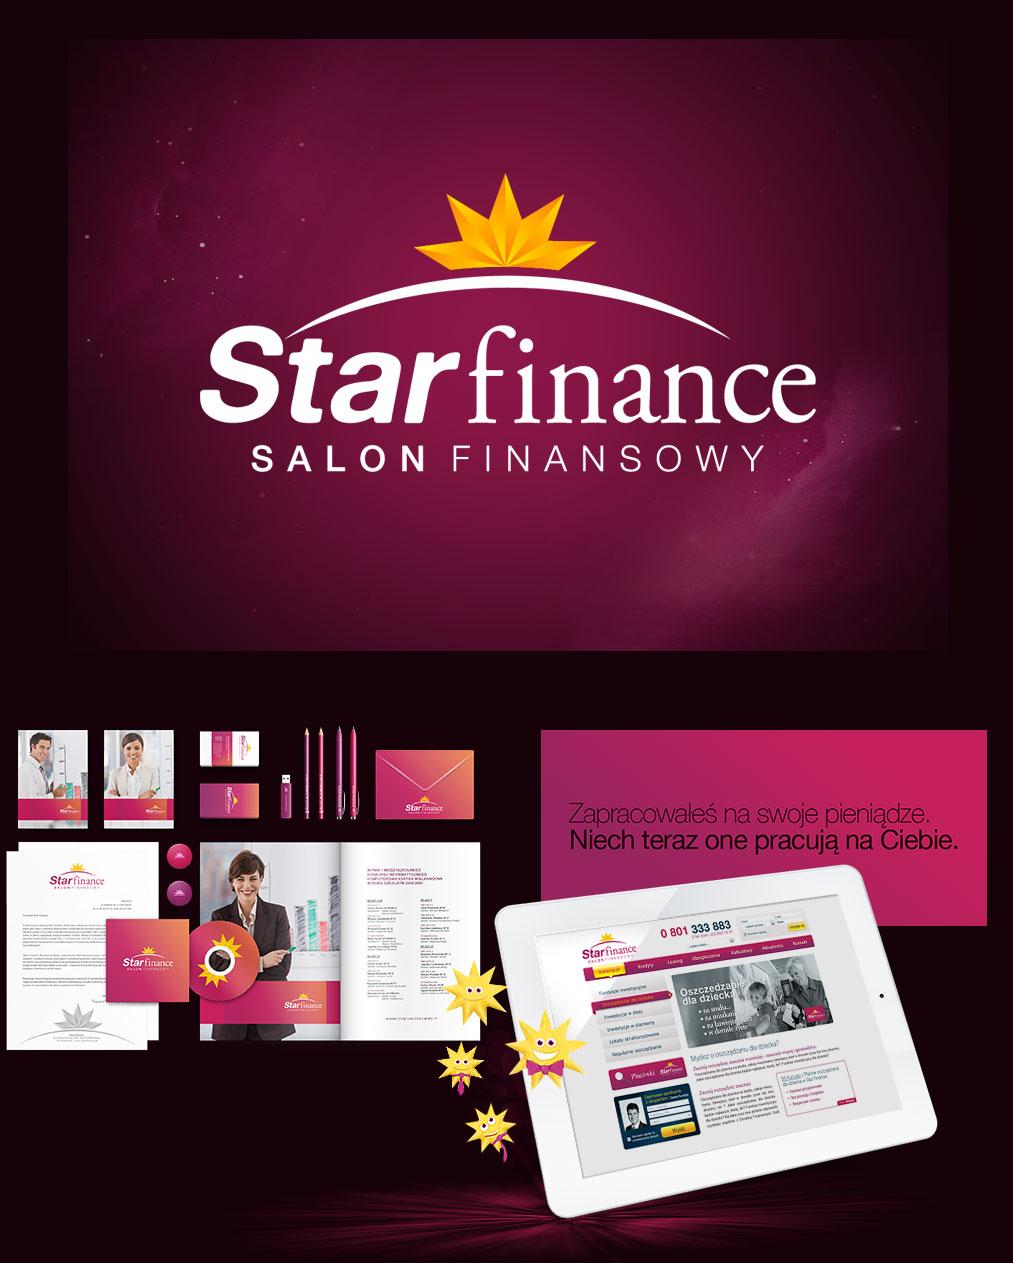 Nazwa dla nowej firmy na przykładzie Star finance